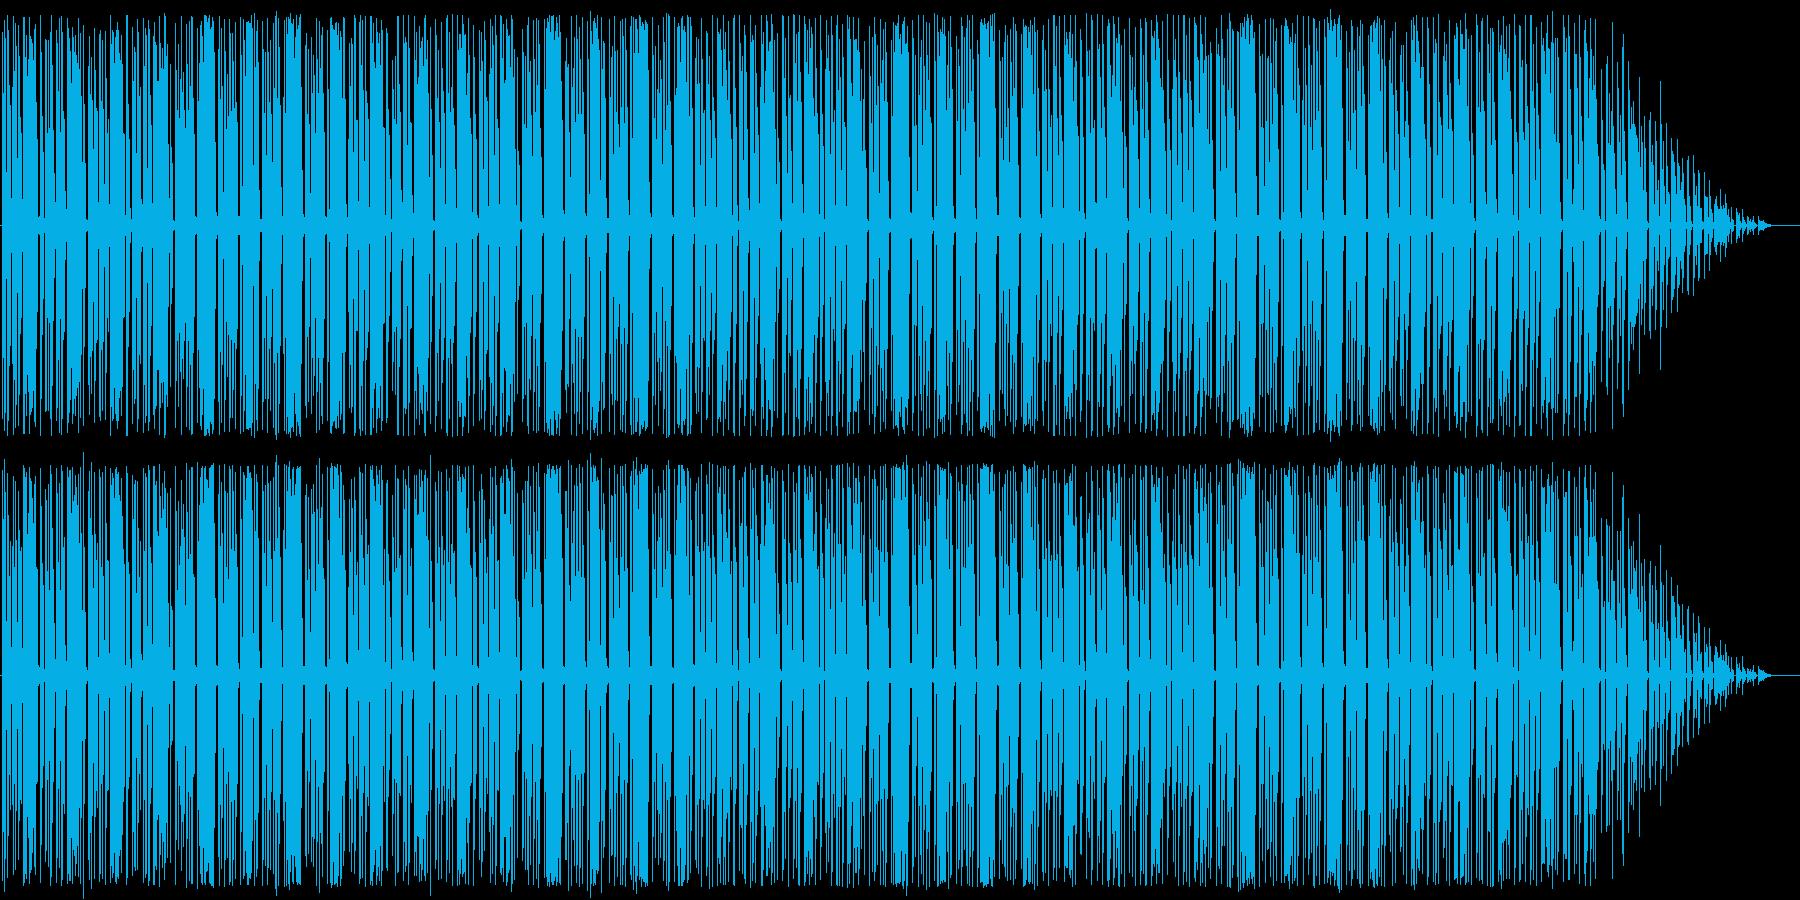 コミカルなメロディとリズムのBGMの再生済みの波形